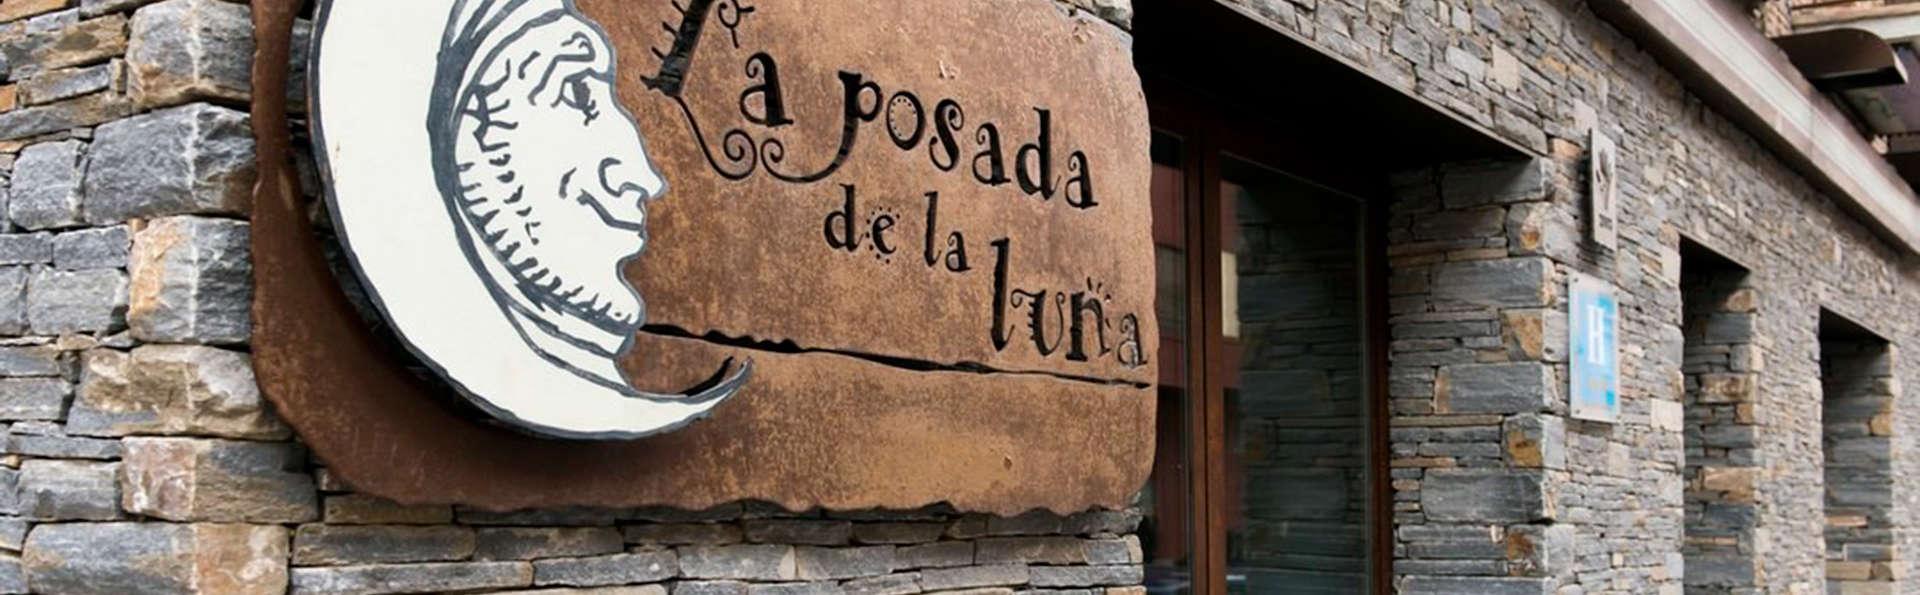 Séjour dans un hôtel de charme au cœur de Huesca (à partir de 2 nuits)